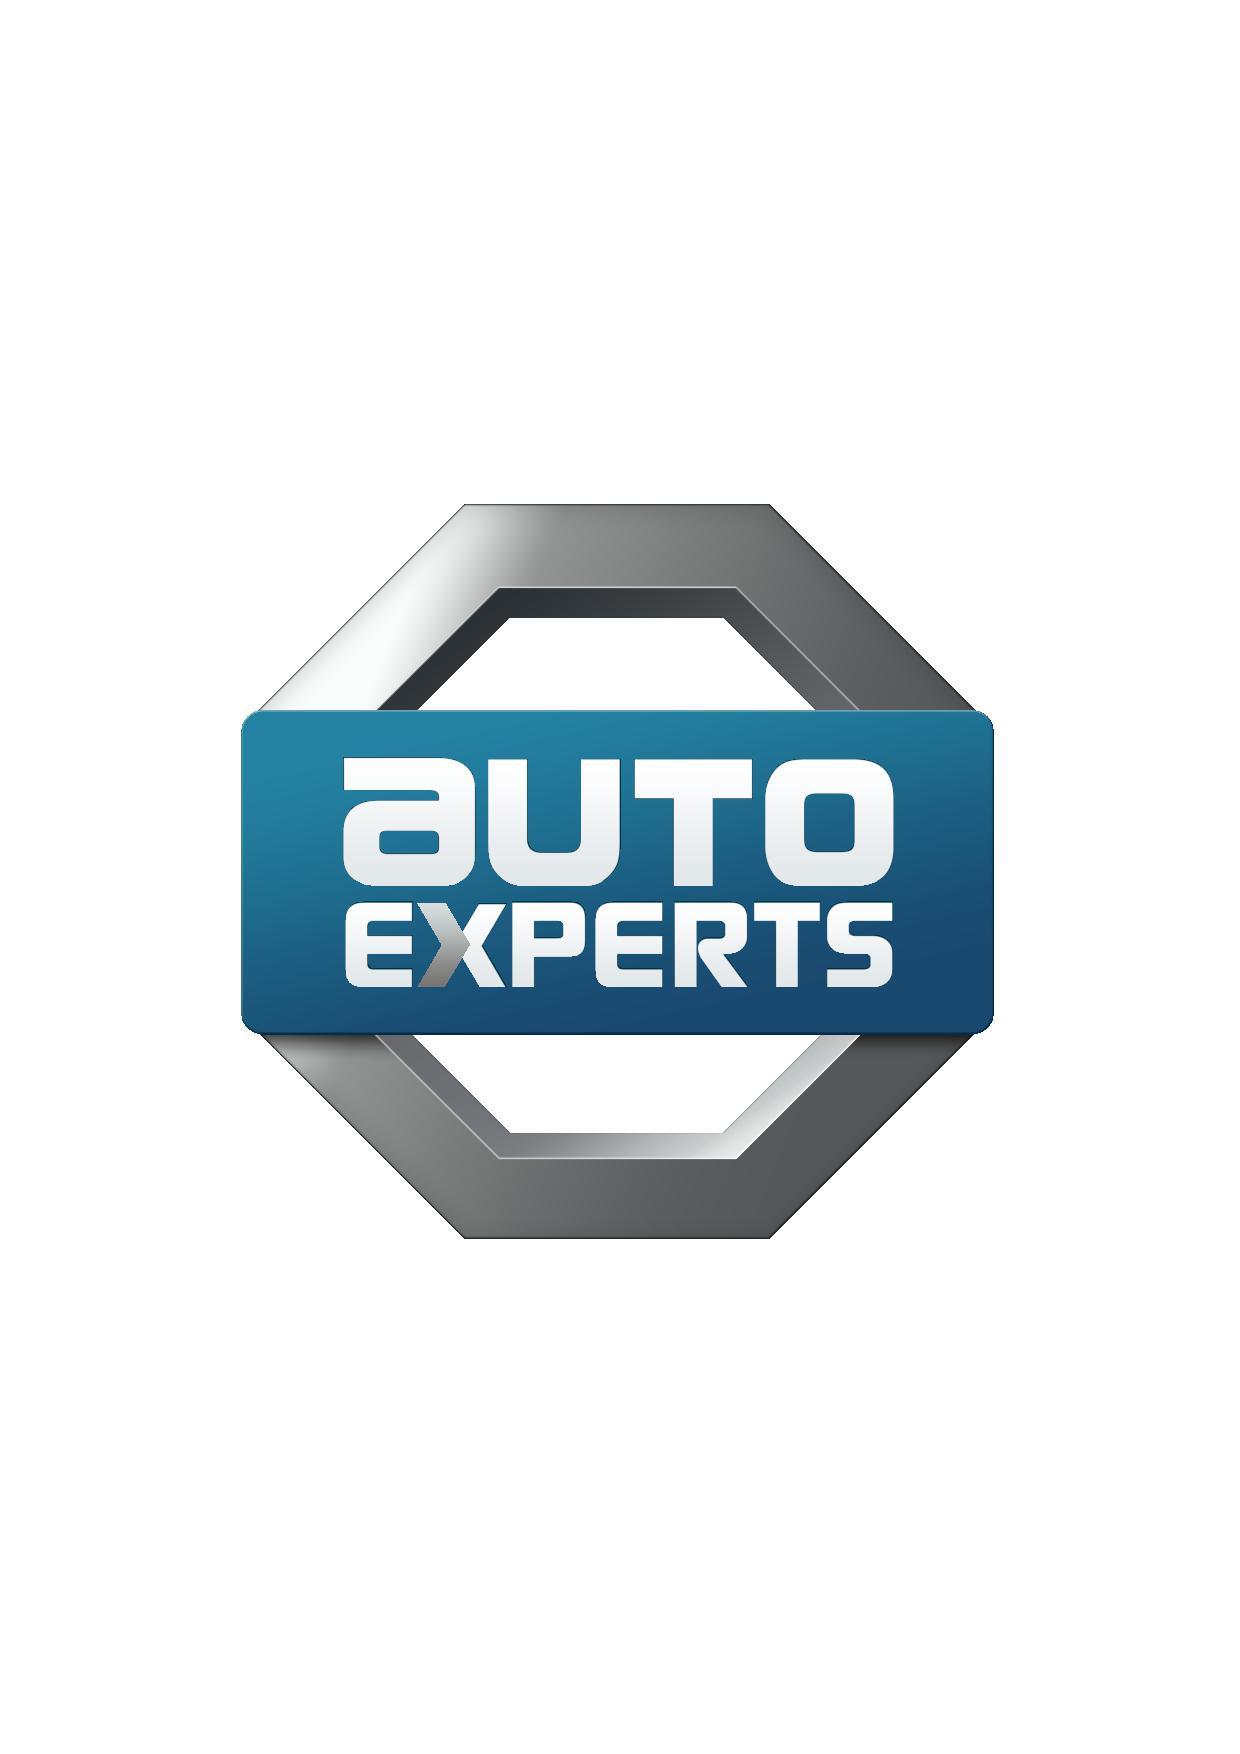 Auto-Experts Gmbh